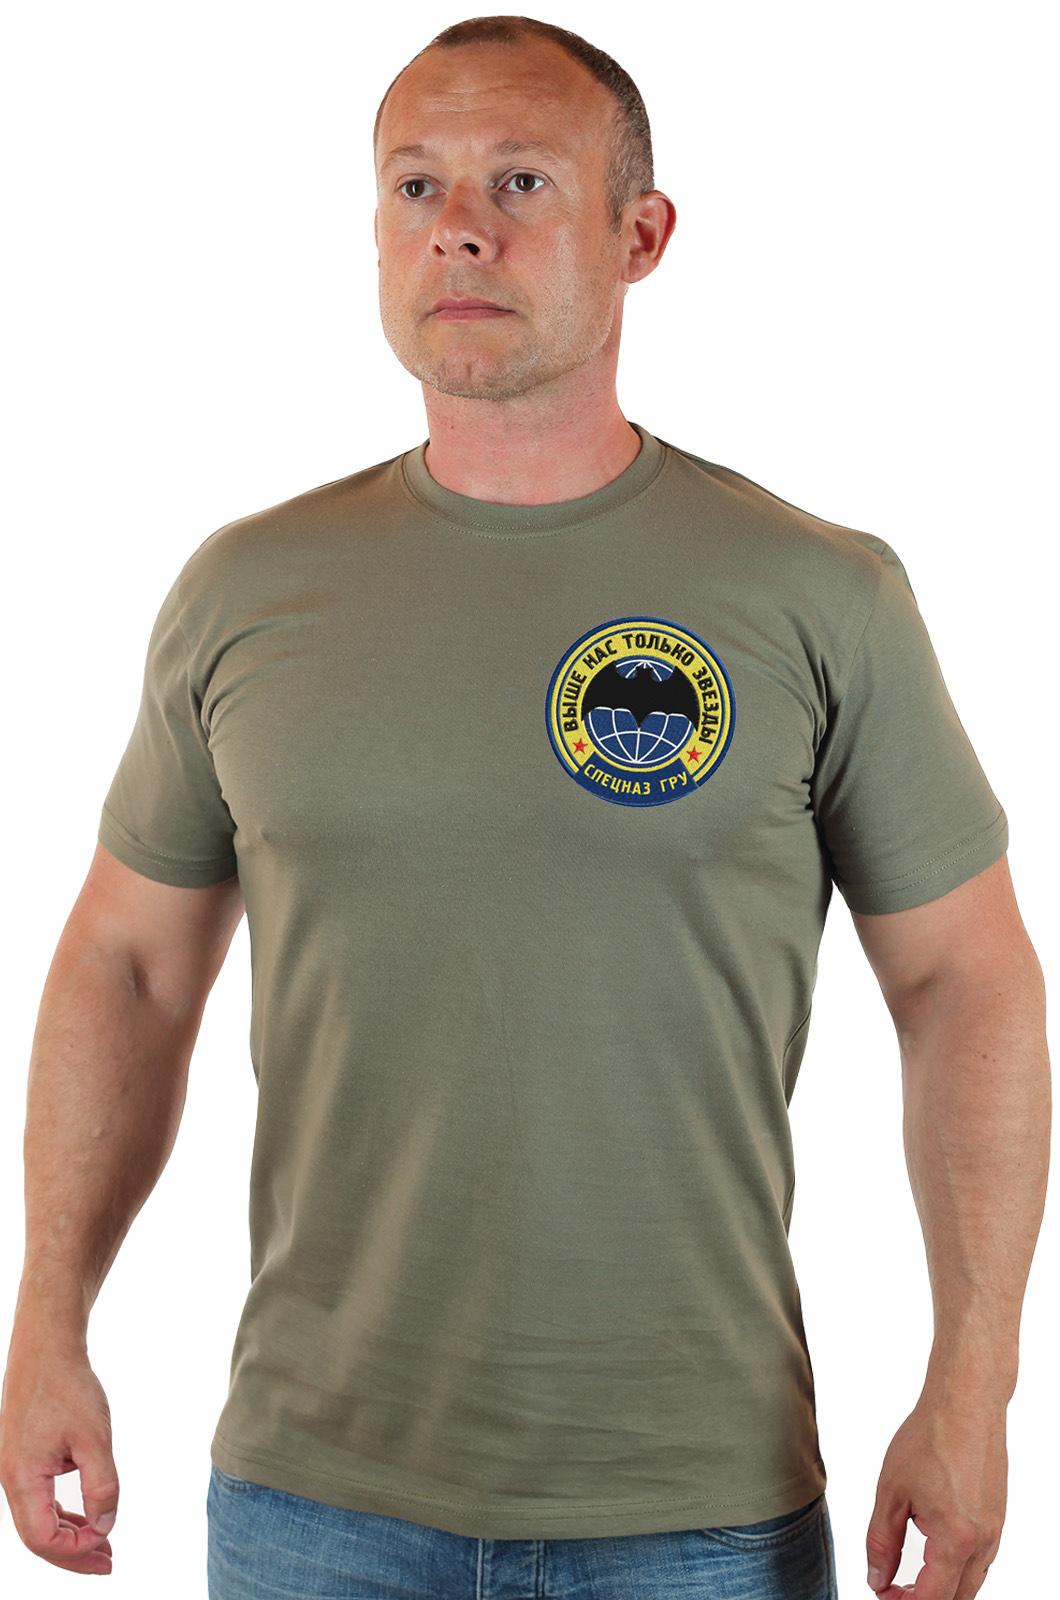 Продажа футболок Спецназа ГРУ по Москве и России